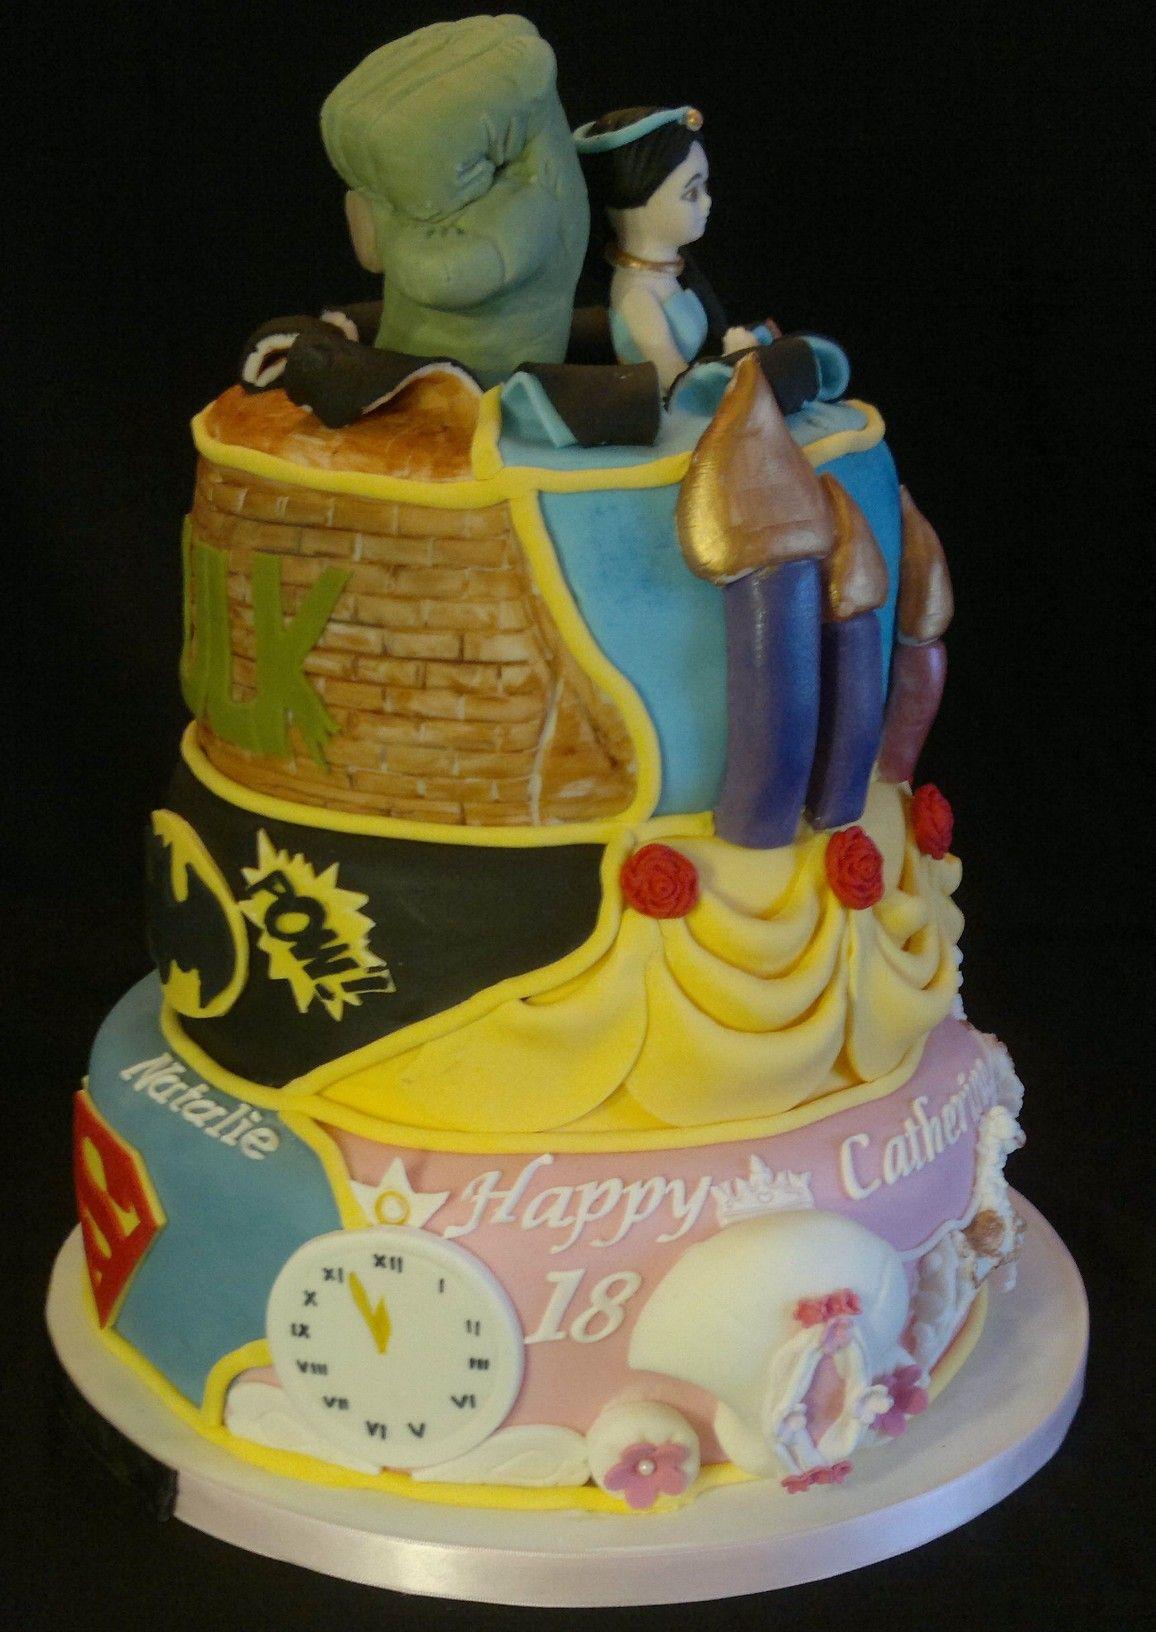 Superhero/Princess 3 tier cake x | Princess & Superhero Party ...